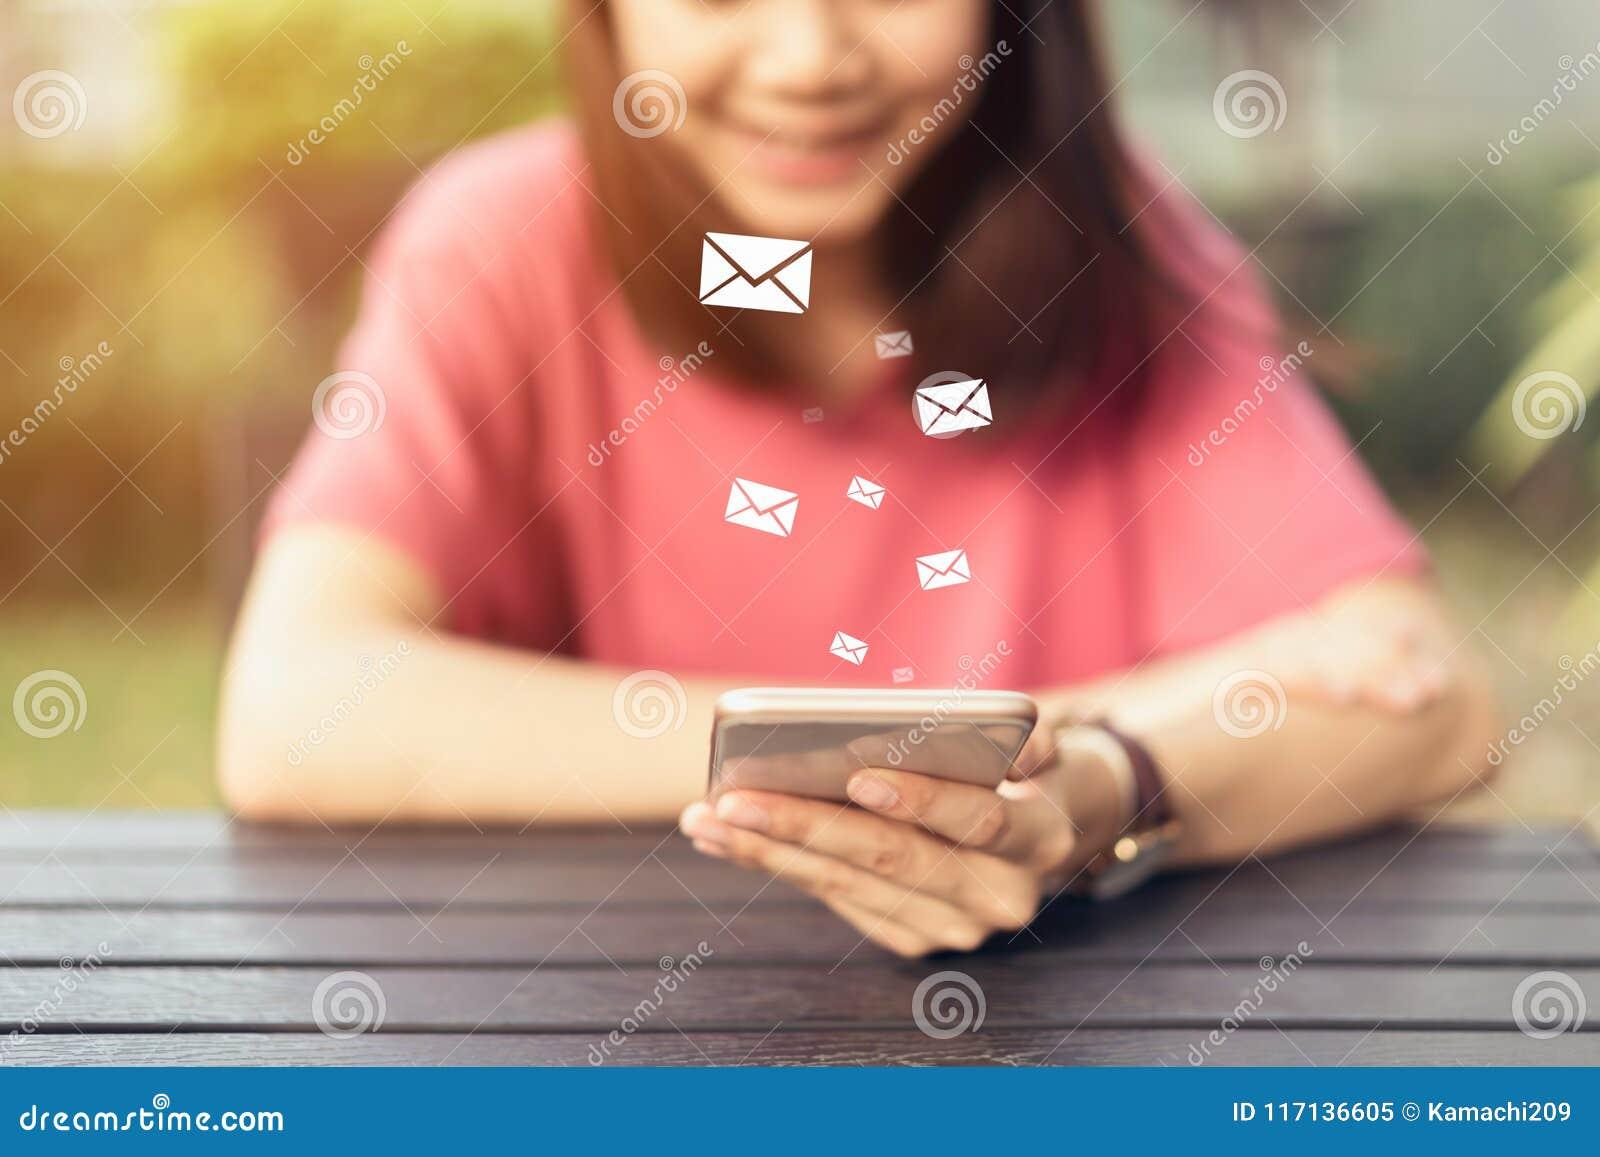 使用智能手机和展示象社会电子邮件,通信和在网上工作的概念的妇女